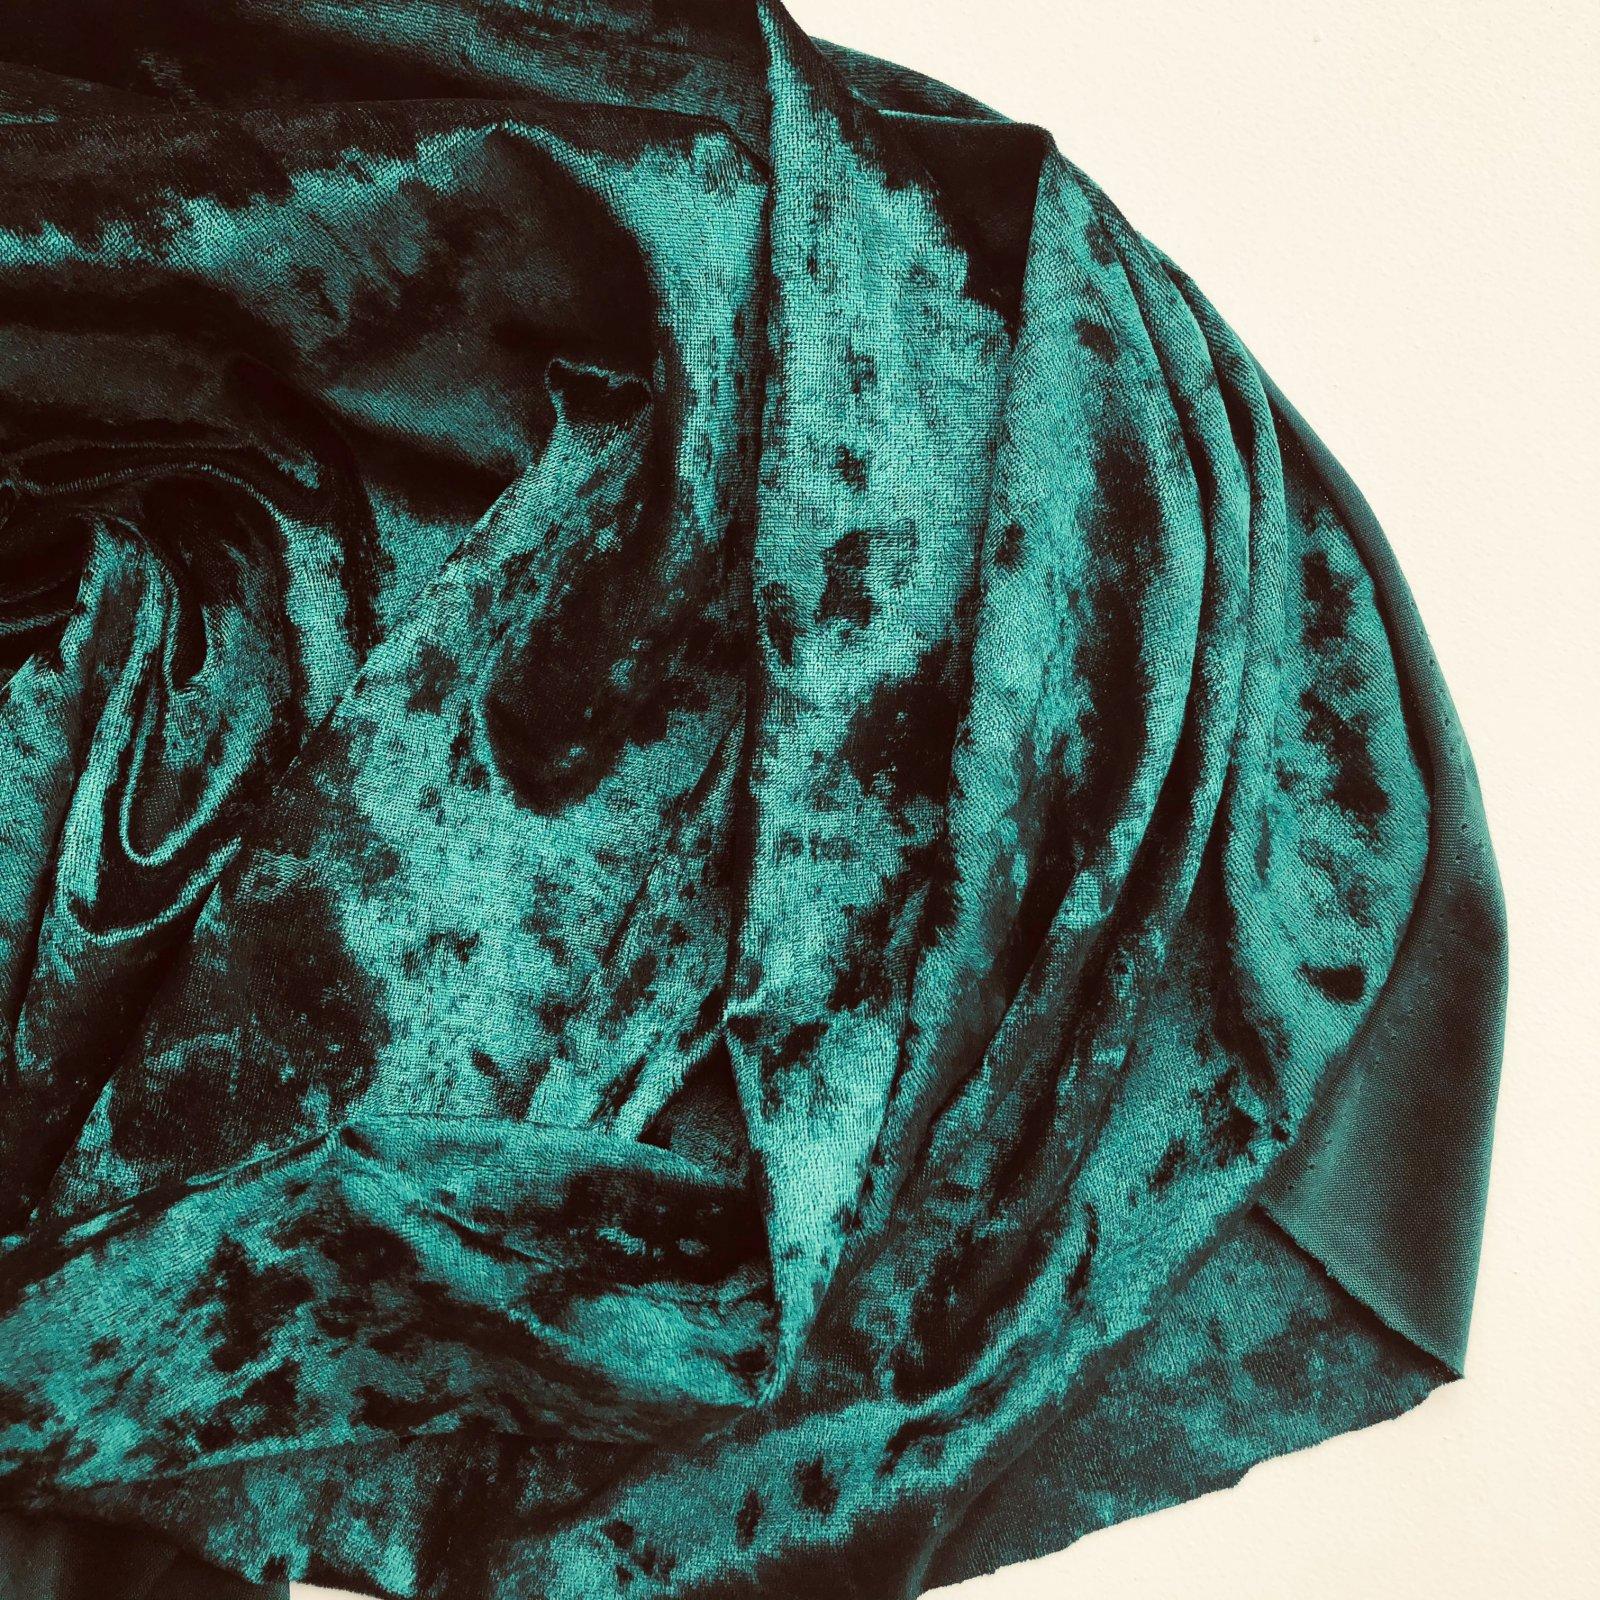 Deadstock Crushed Stretch Velvet Velour Knit 58 - Emerald